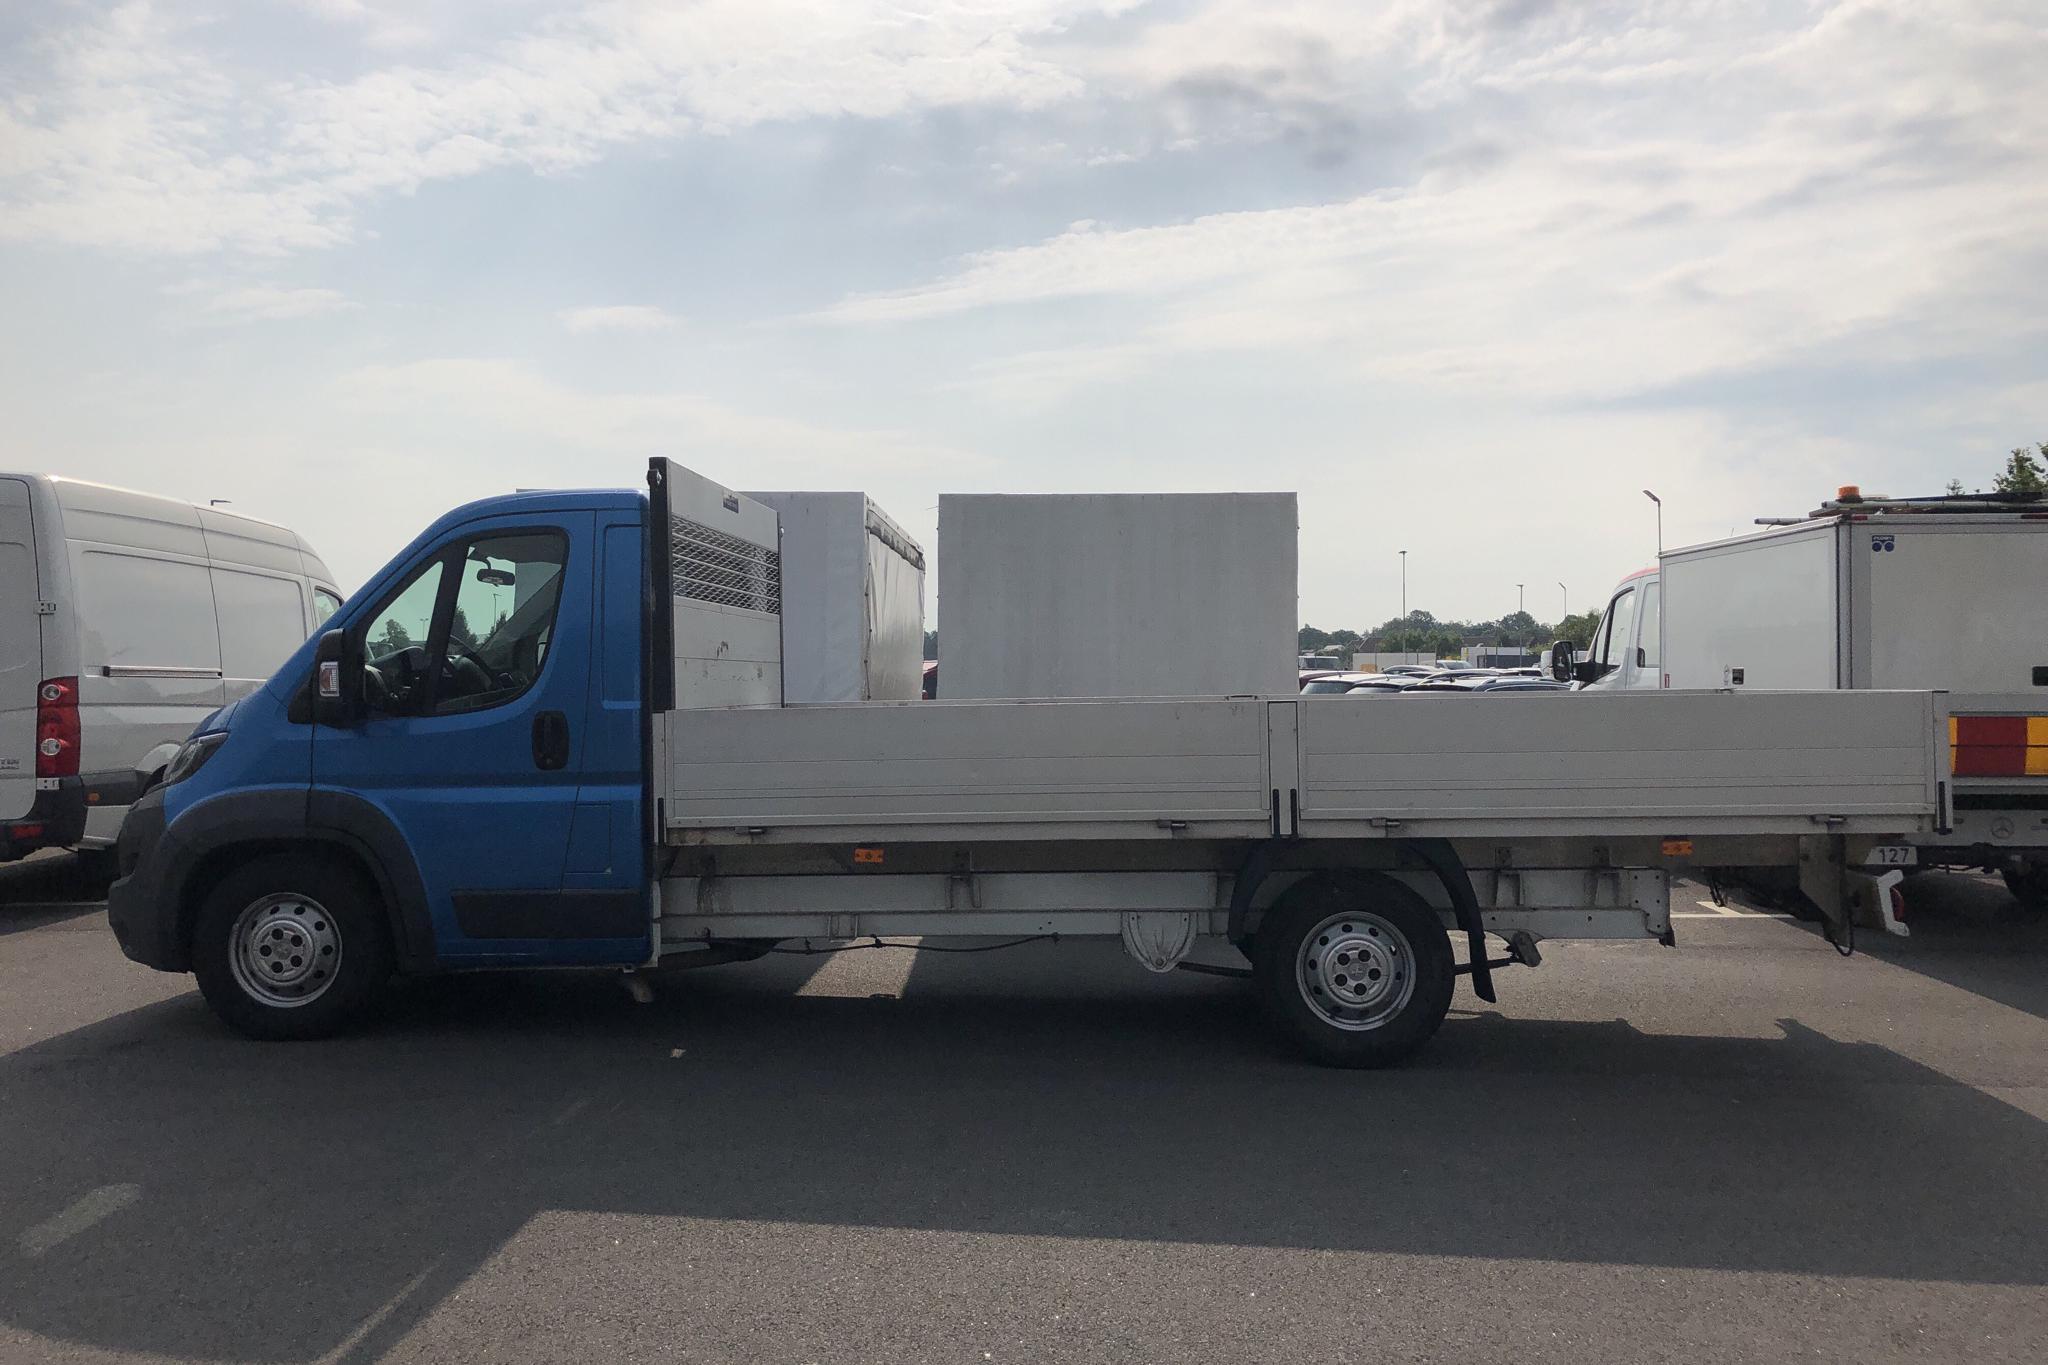 Peugeot Boxer 3.0 HDI Pickup (180hk) - 9 663 mil - Manuell - vit - 2016